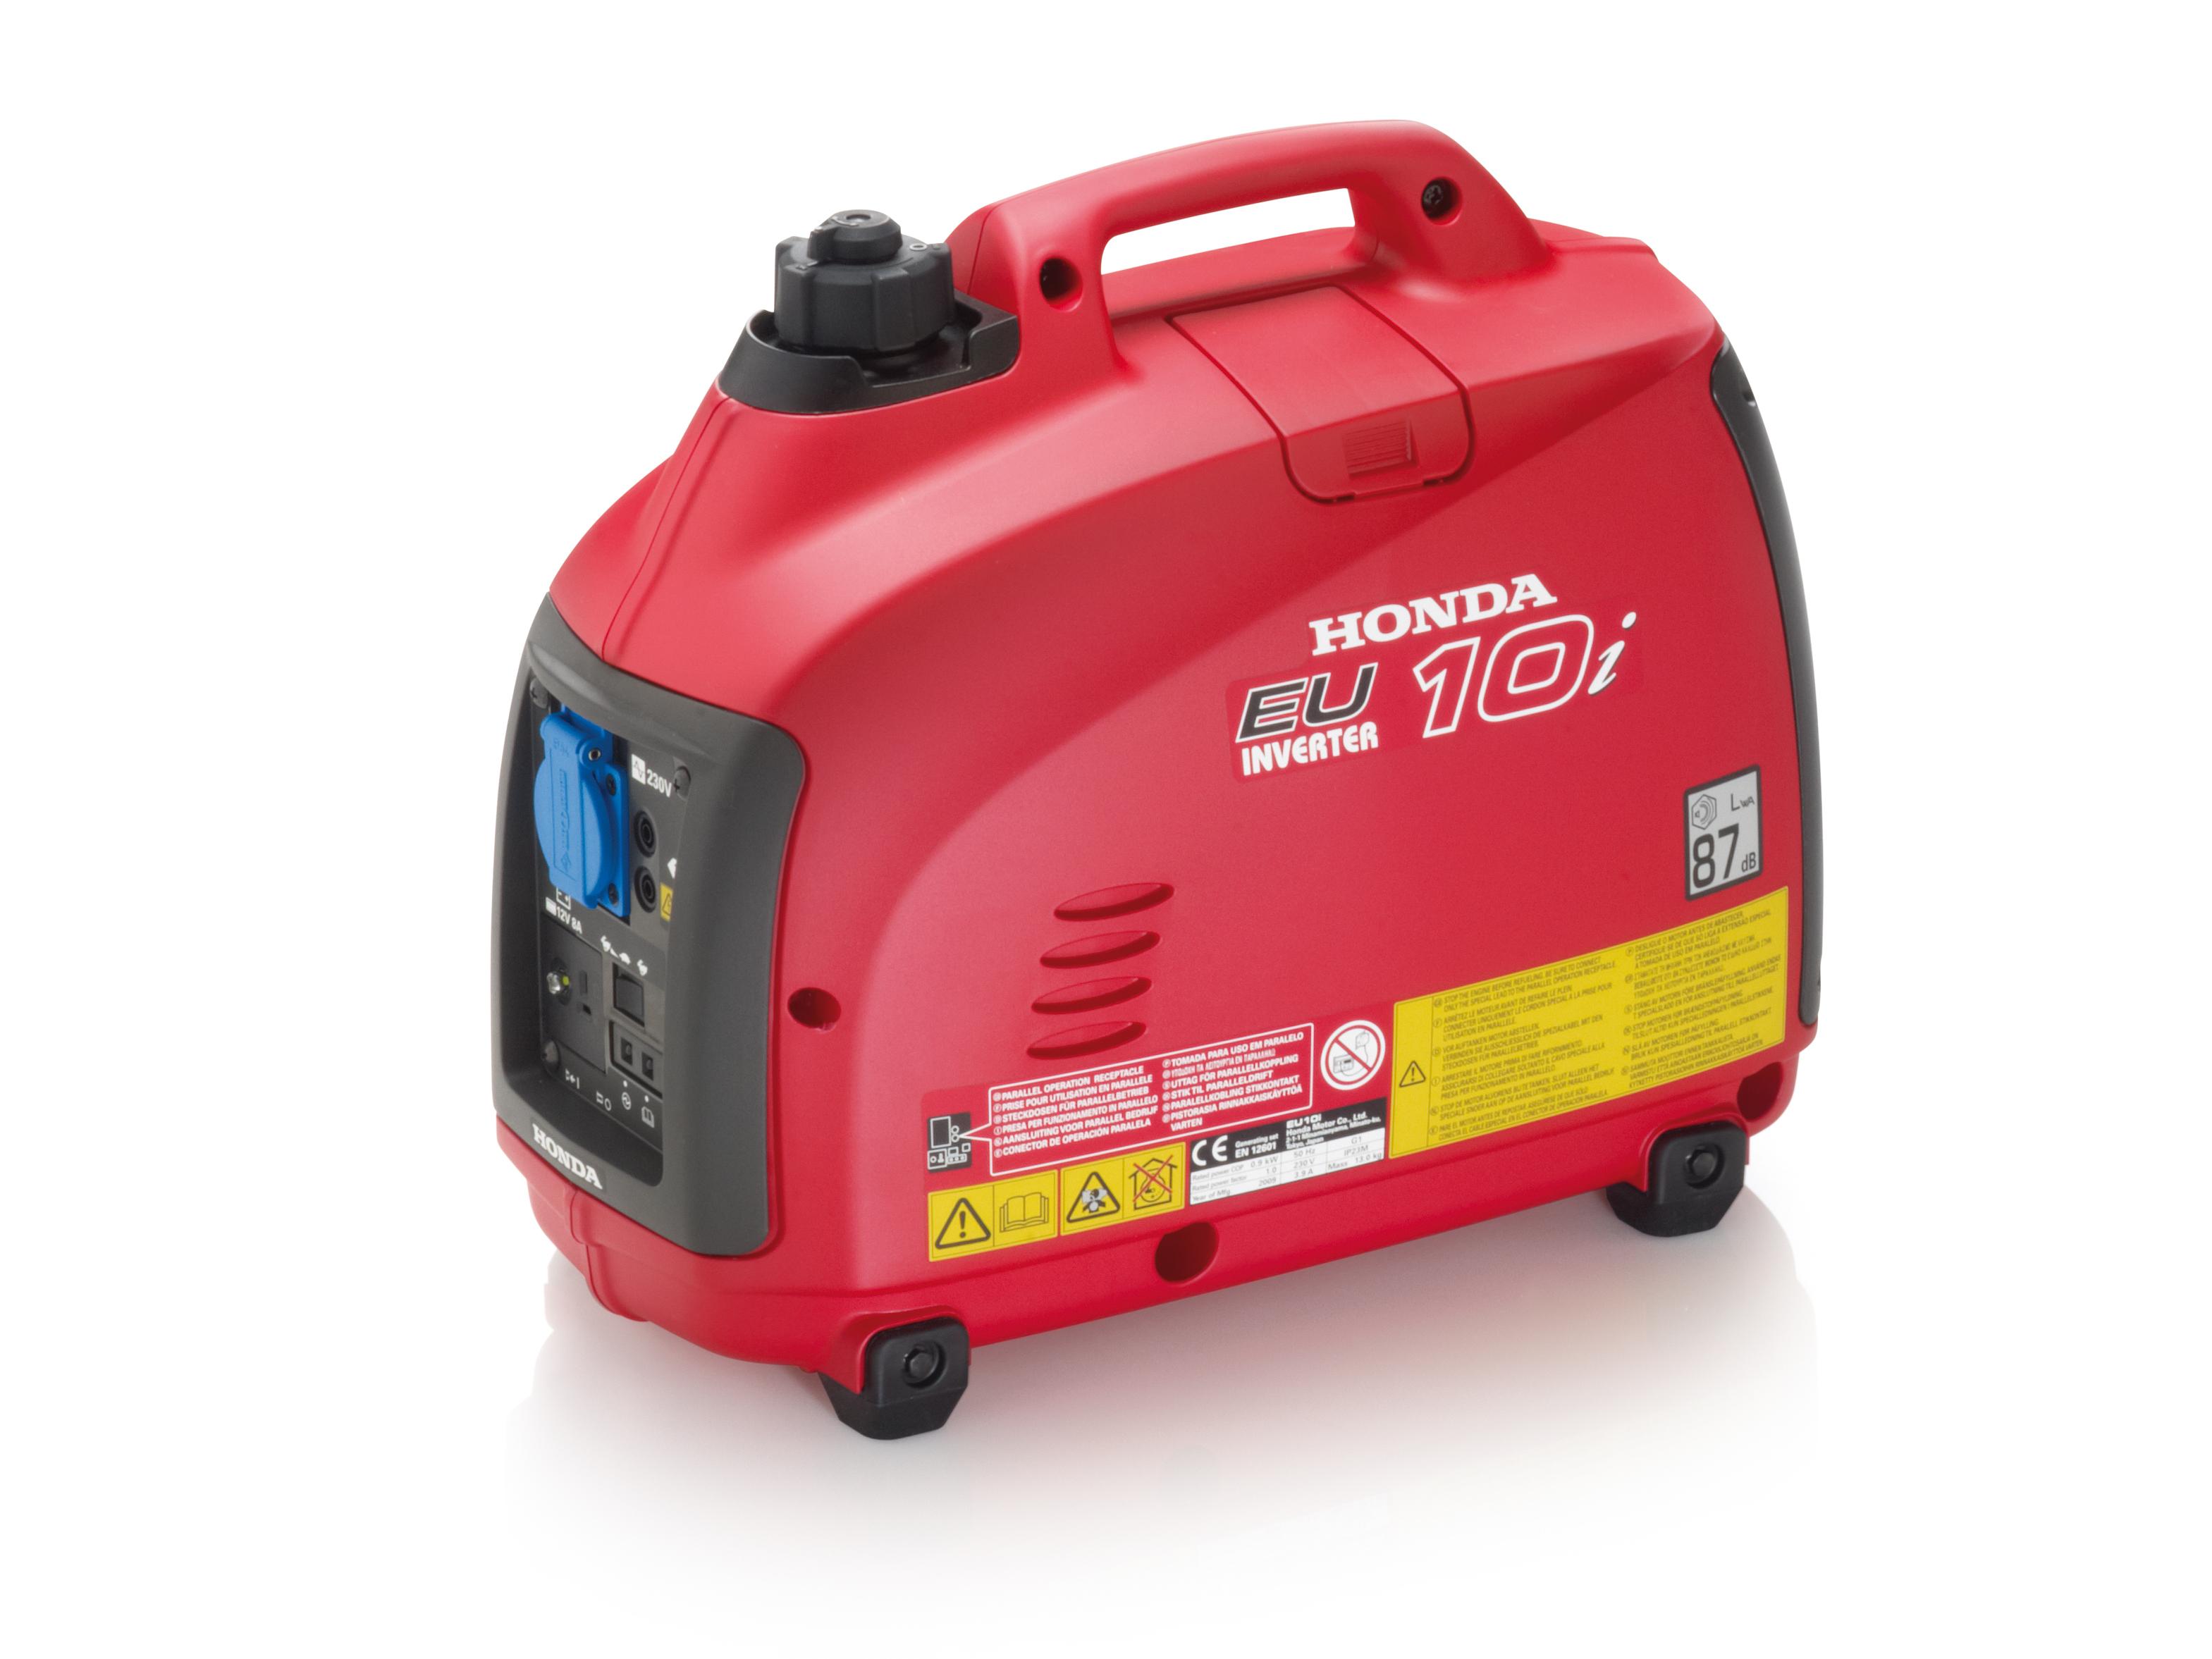 Honda EU10i-generaattori